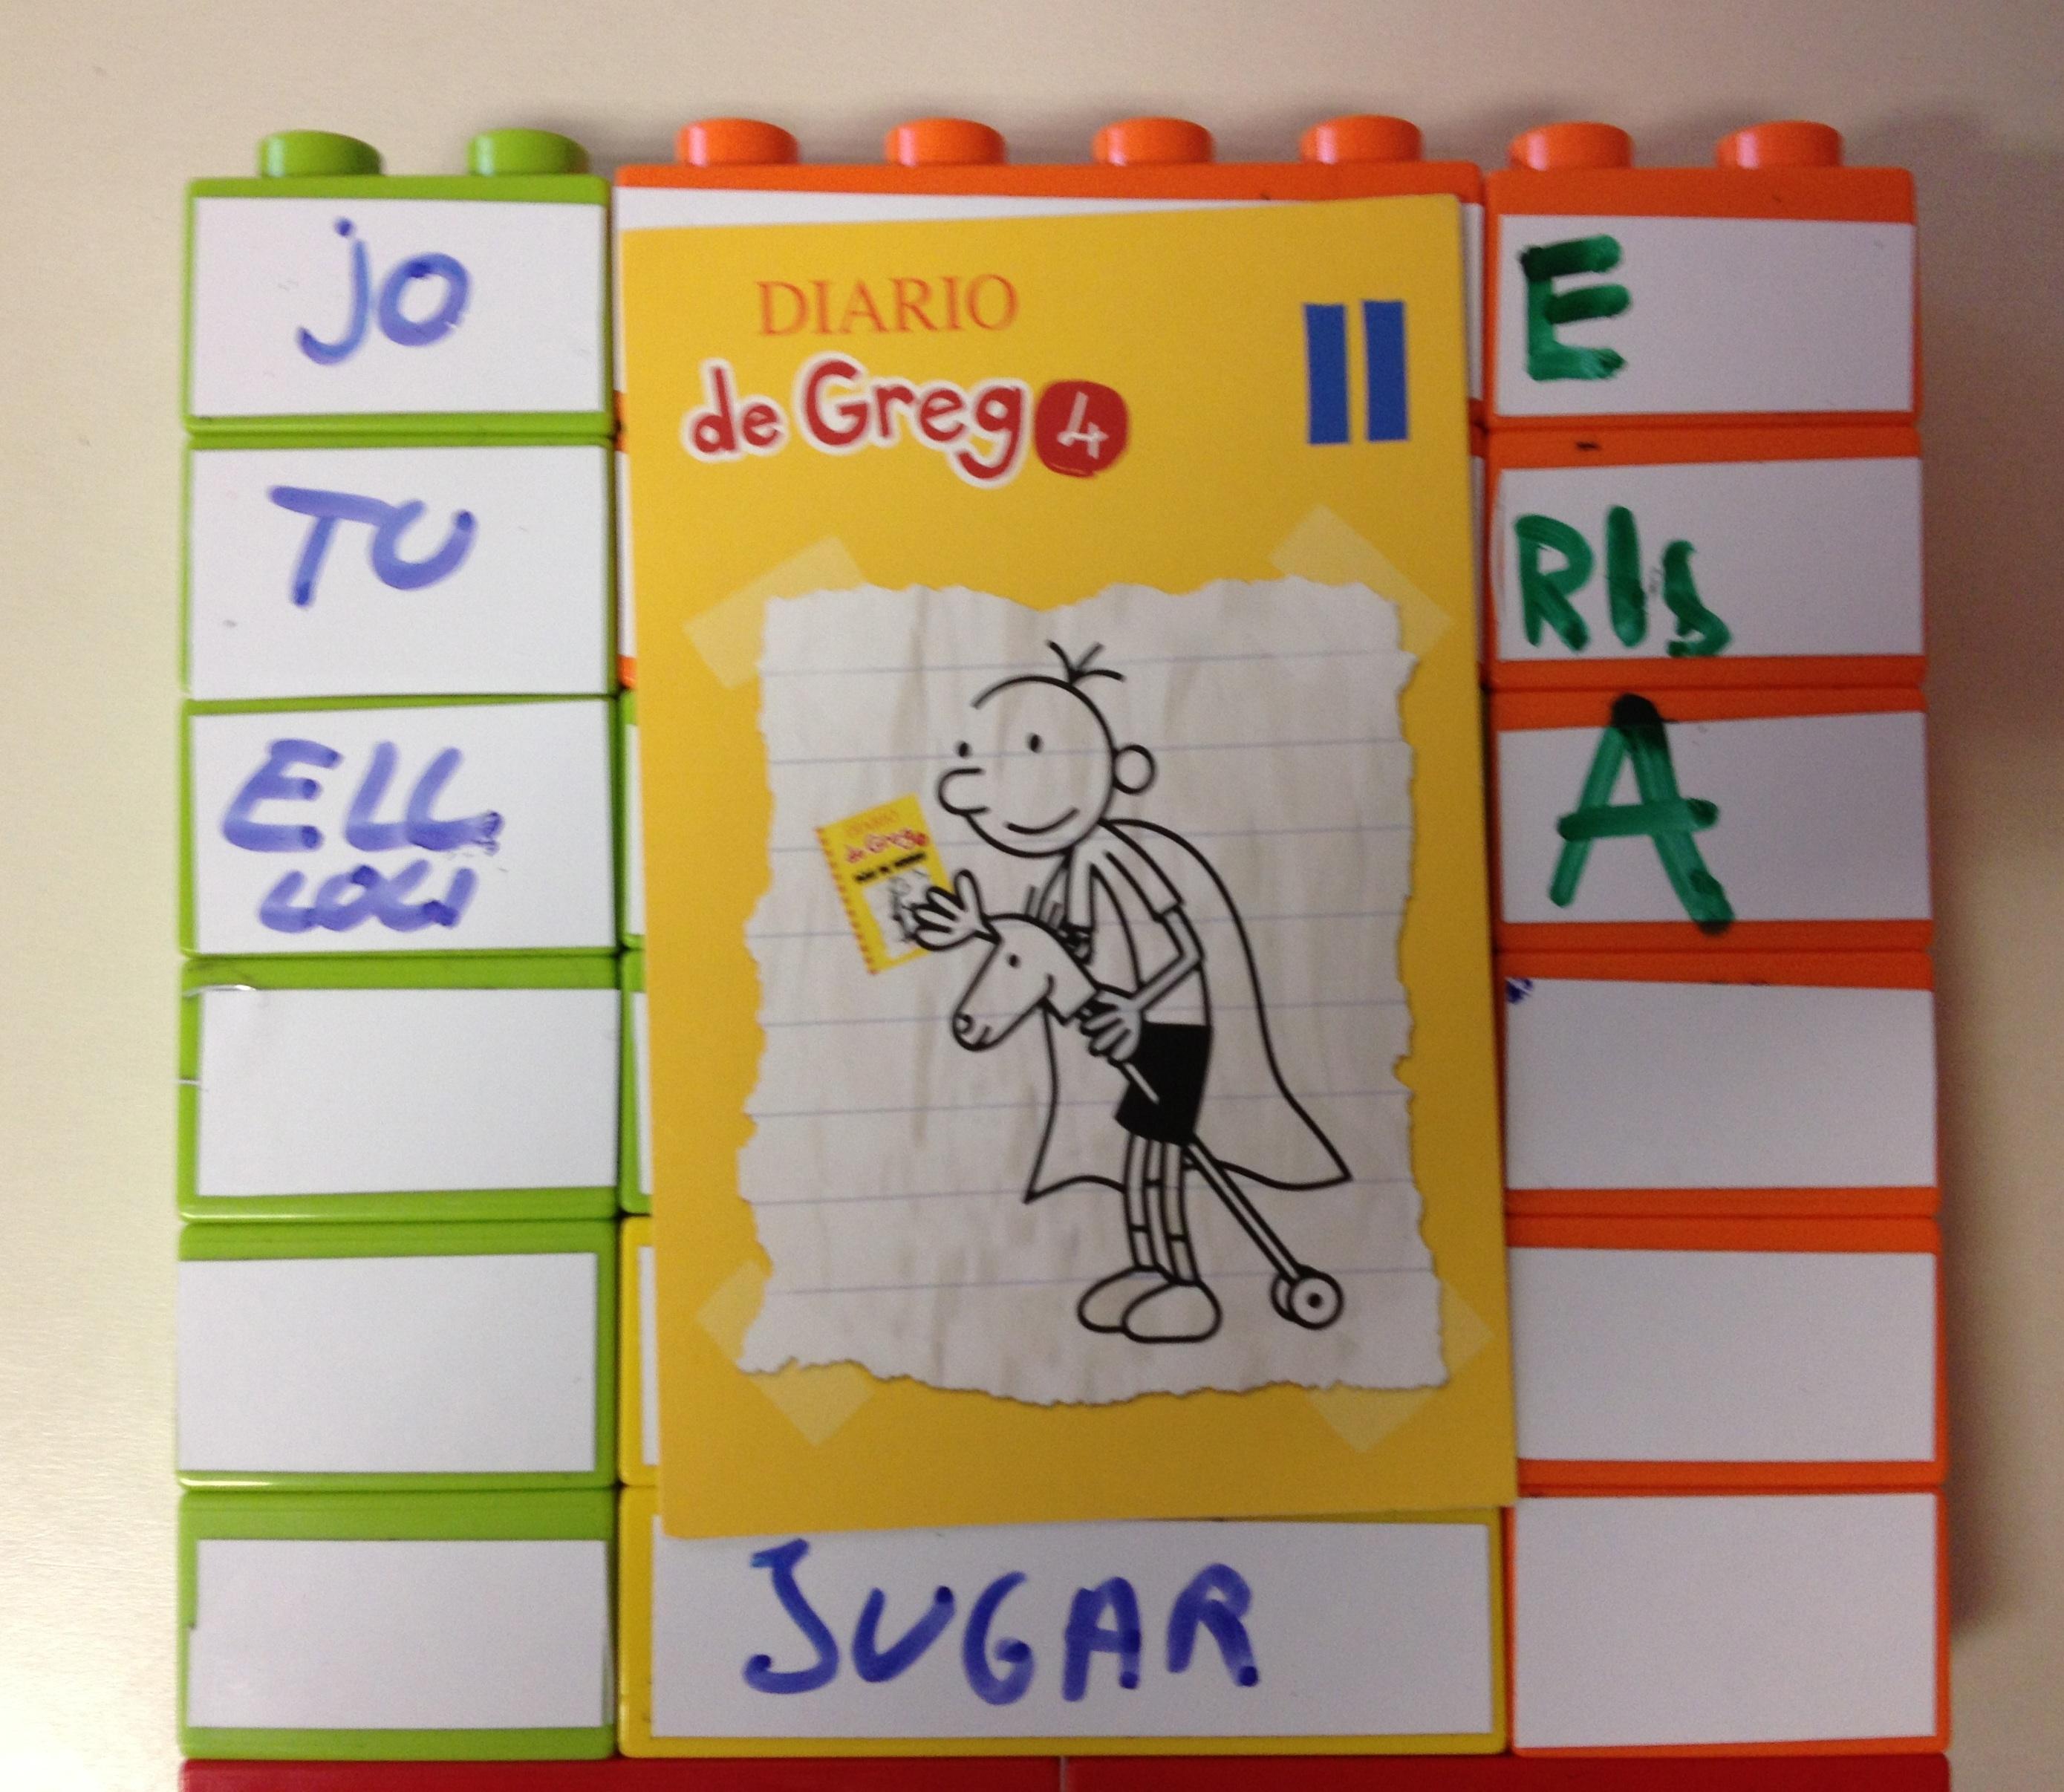 El Diari de Greg